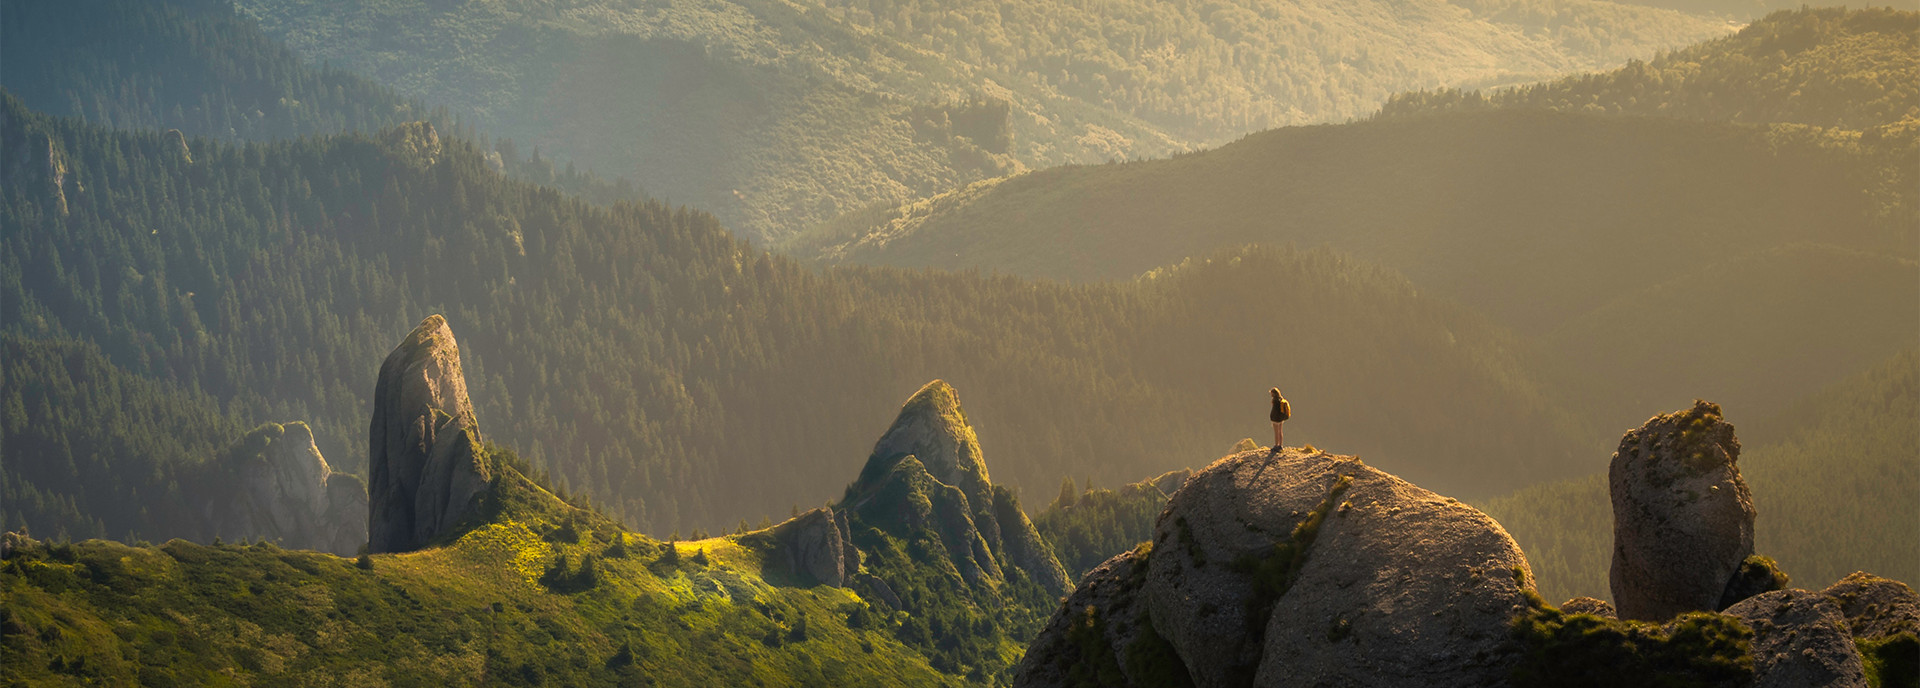 bergen'